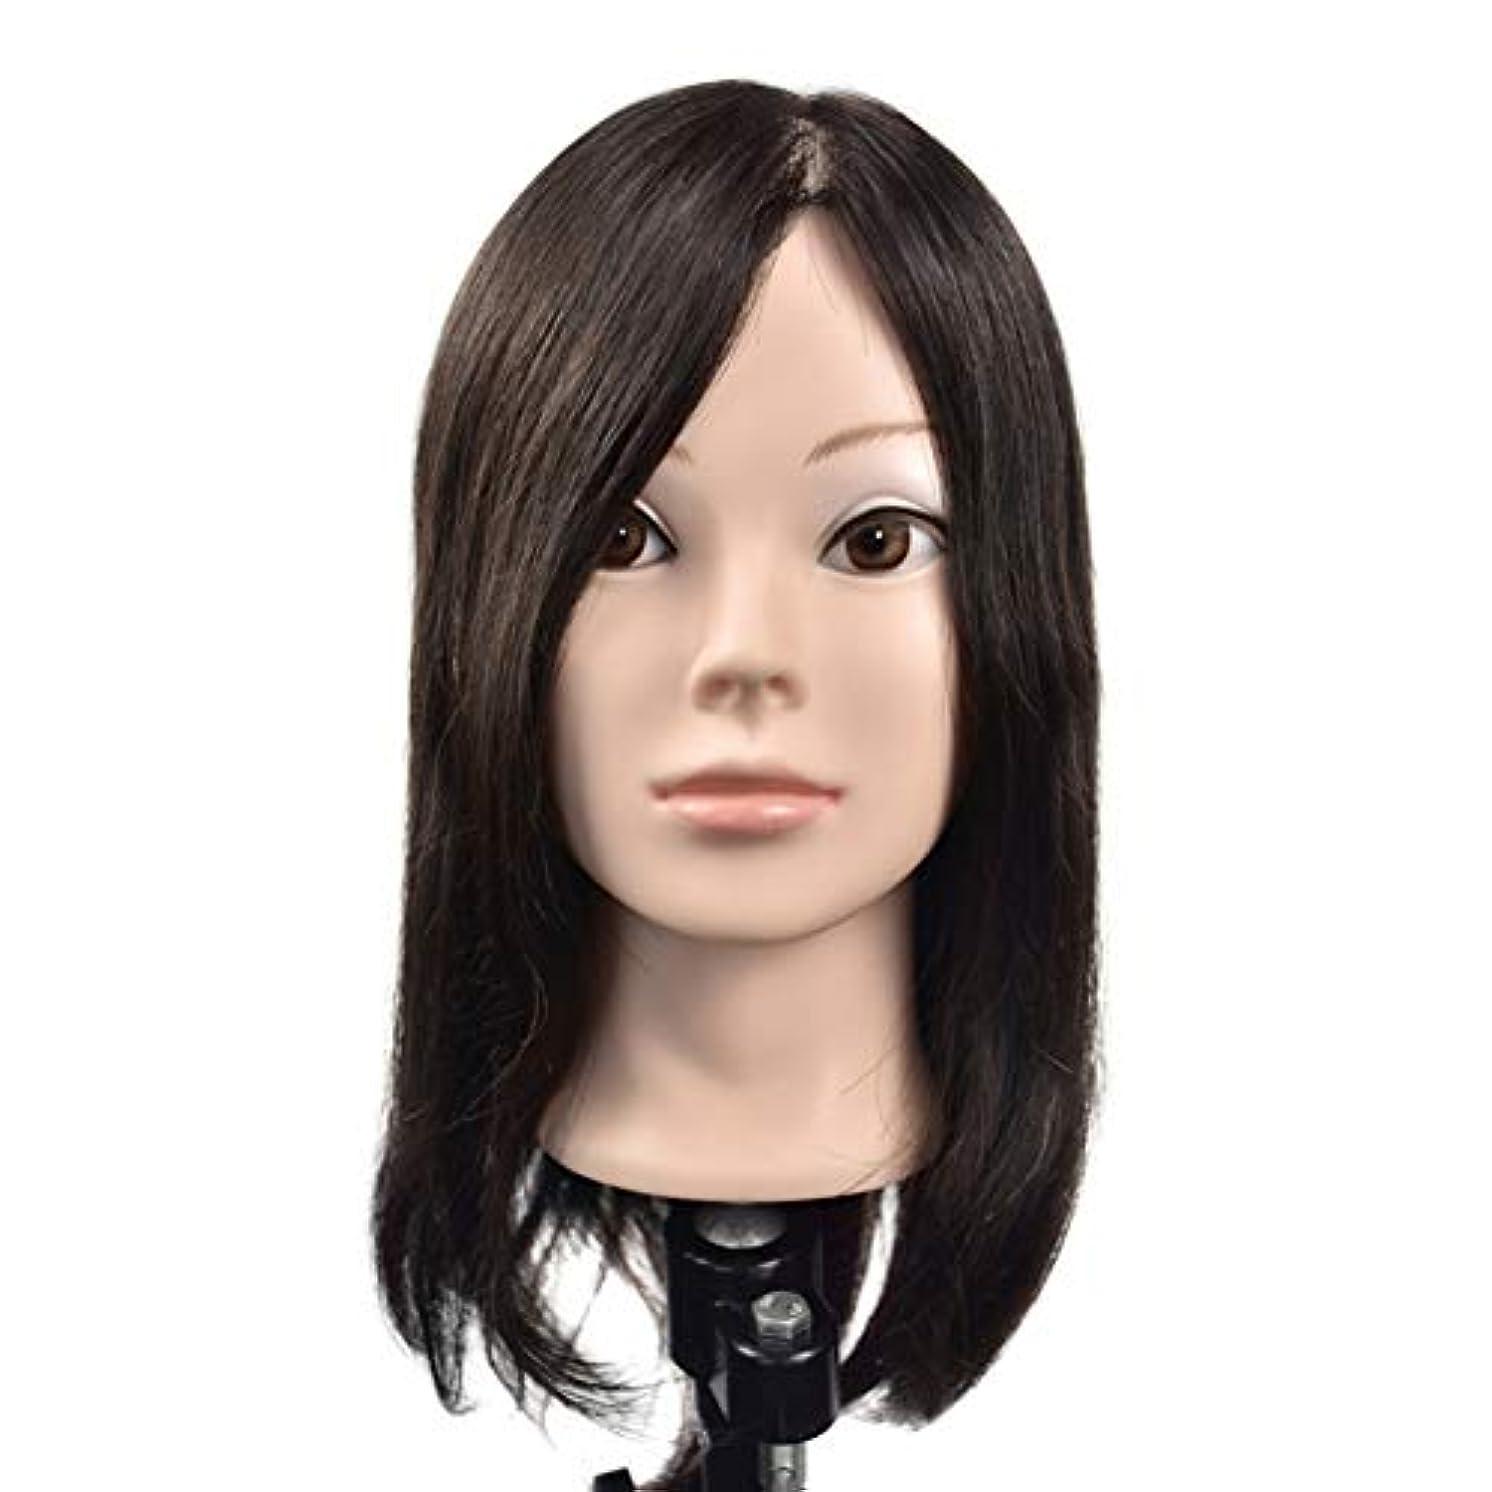 援助ぶら下がる自分のためにリアルヘアースタイリングモデルヘッド女性モデル頭ティーチングヘッド理髪店編組髪染め学習ダミーヘッド